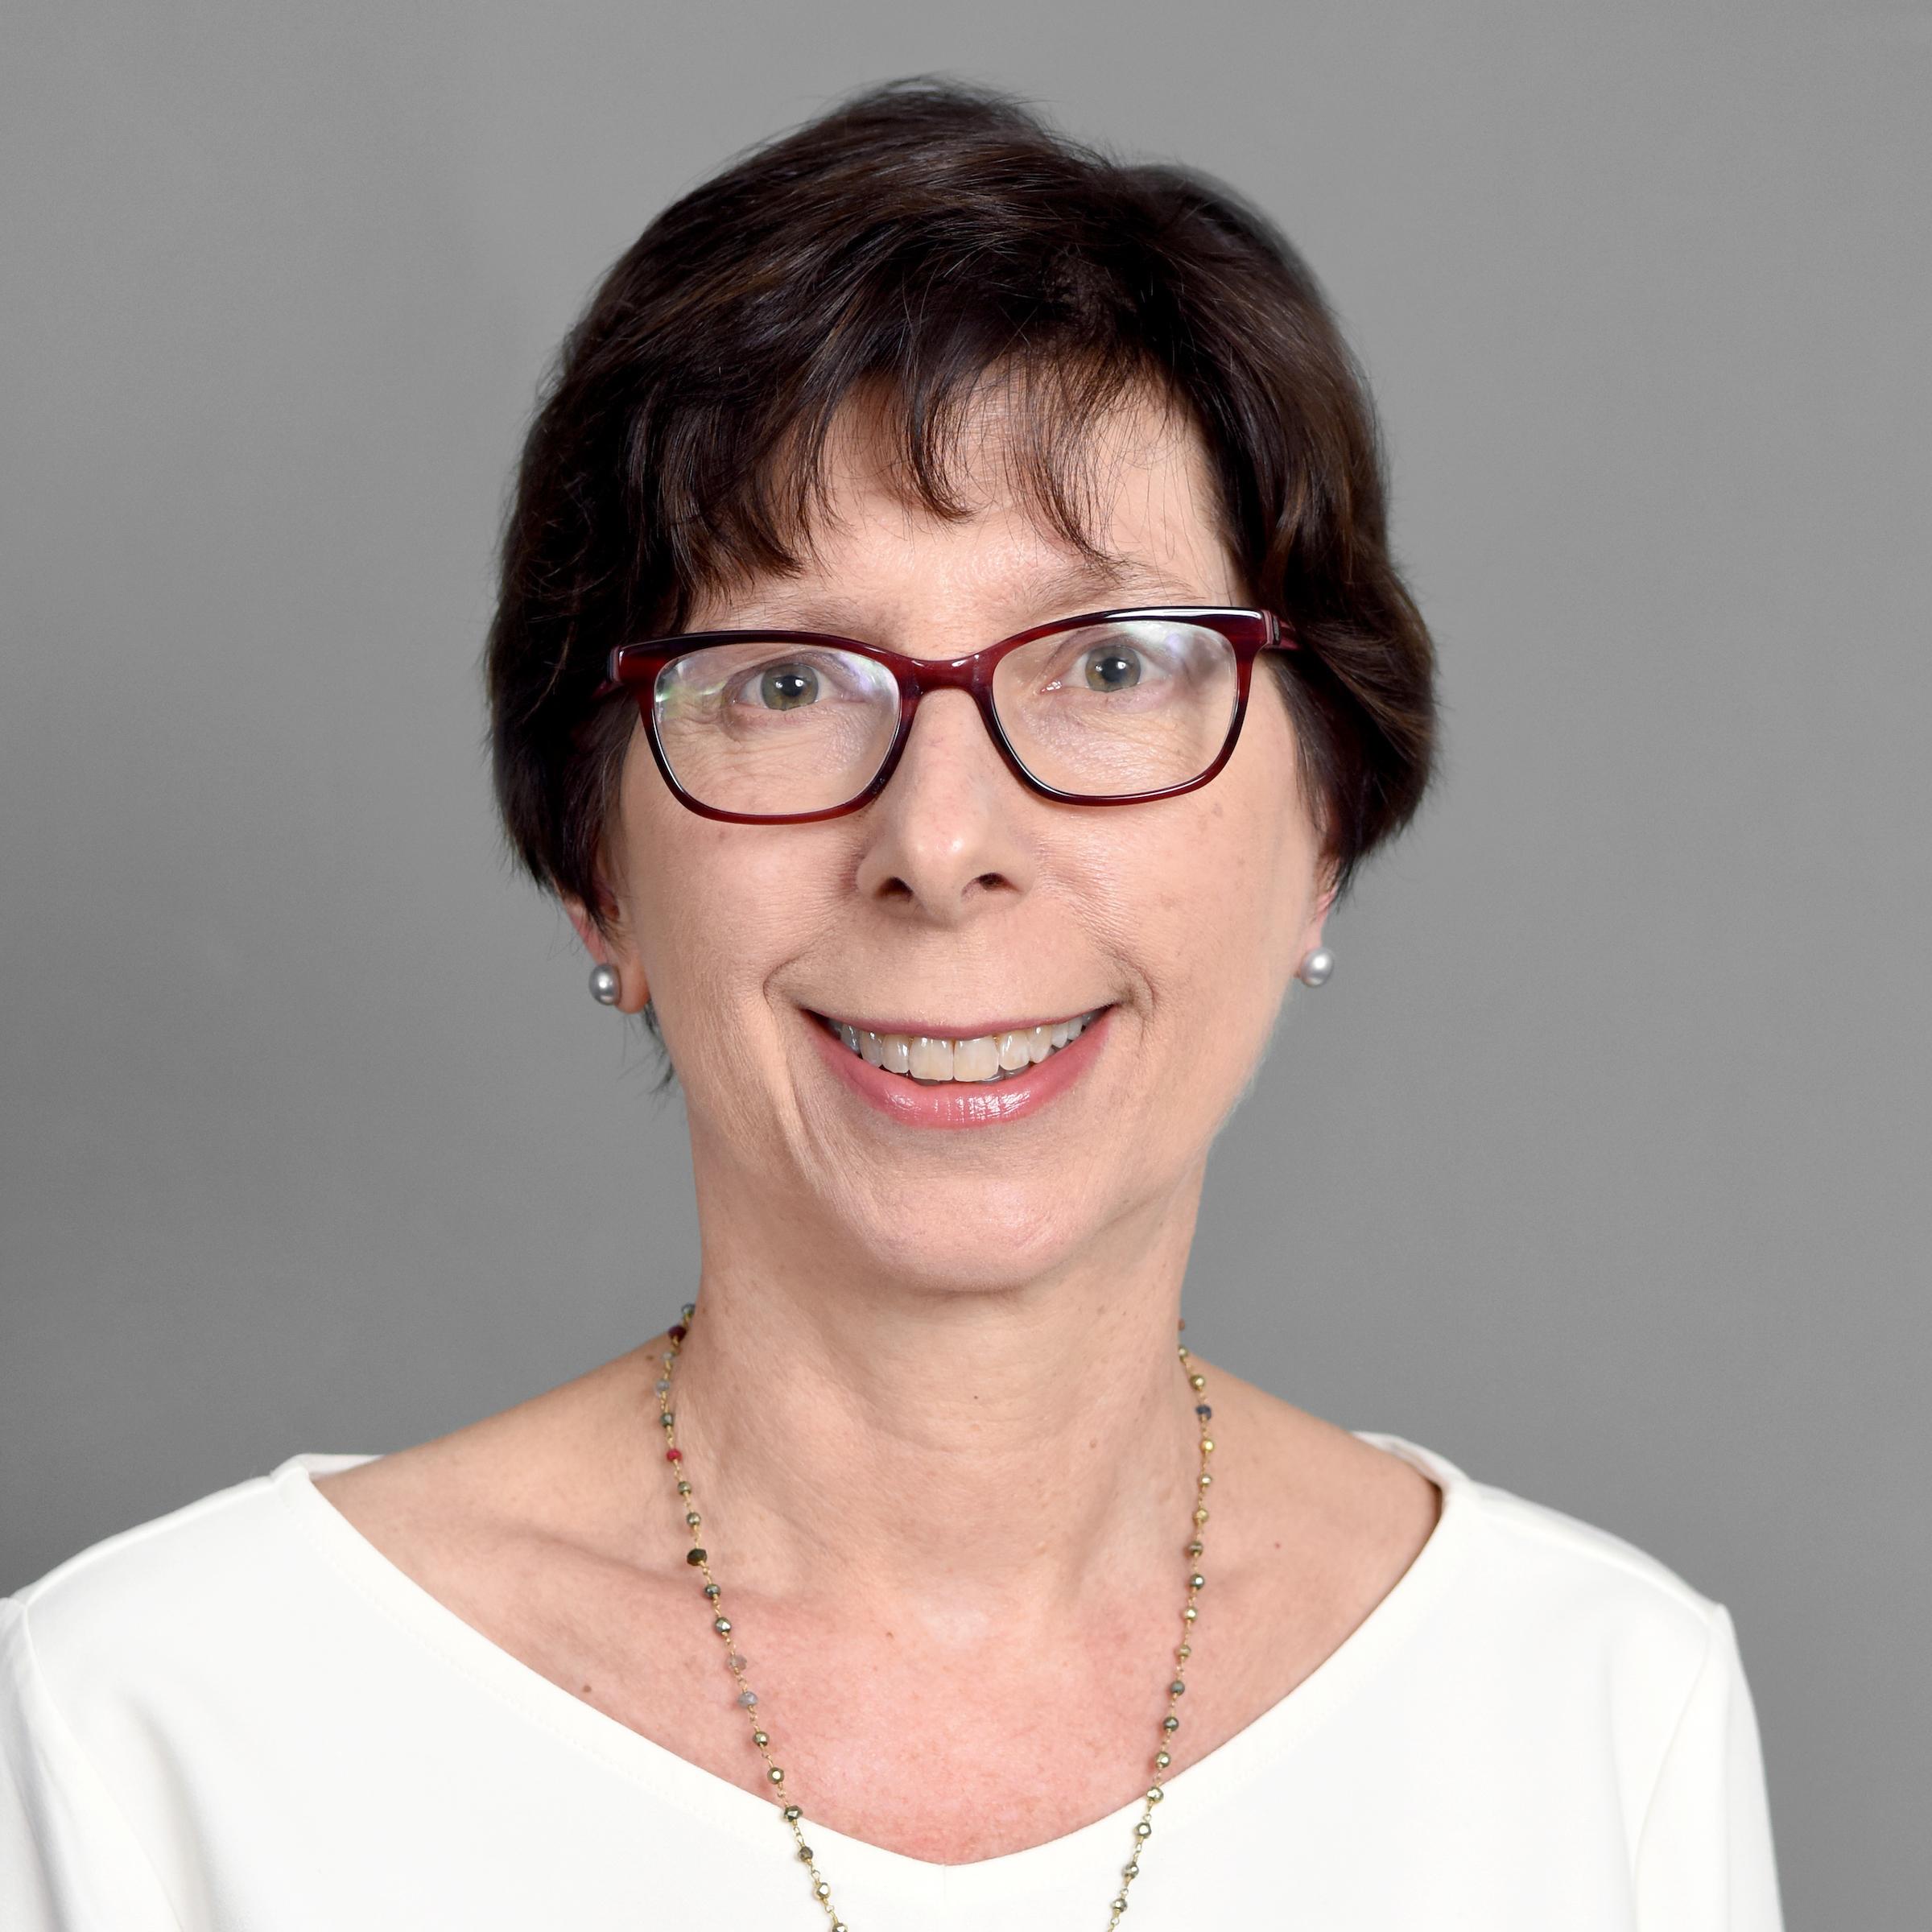 Karen Mossberger, Ph.D.